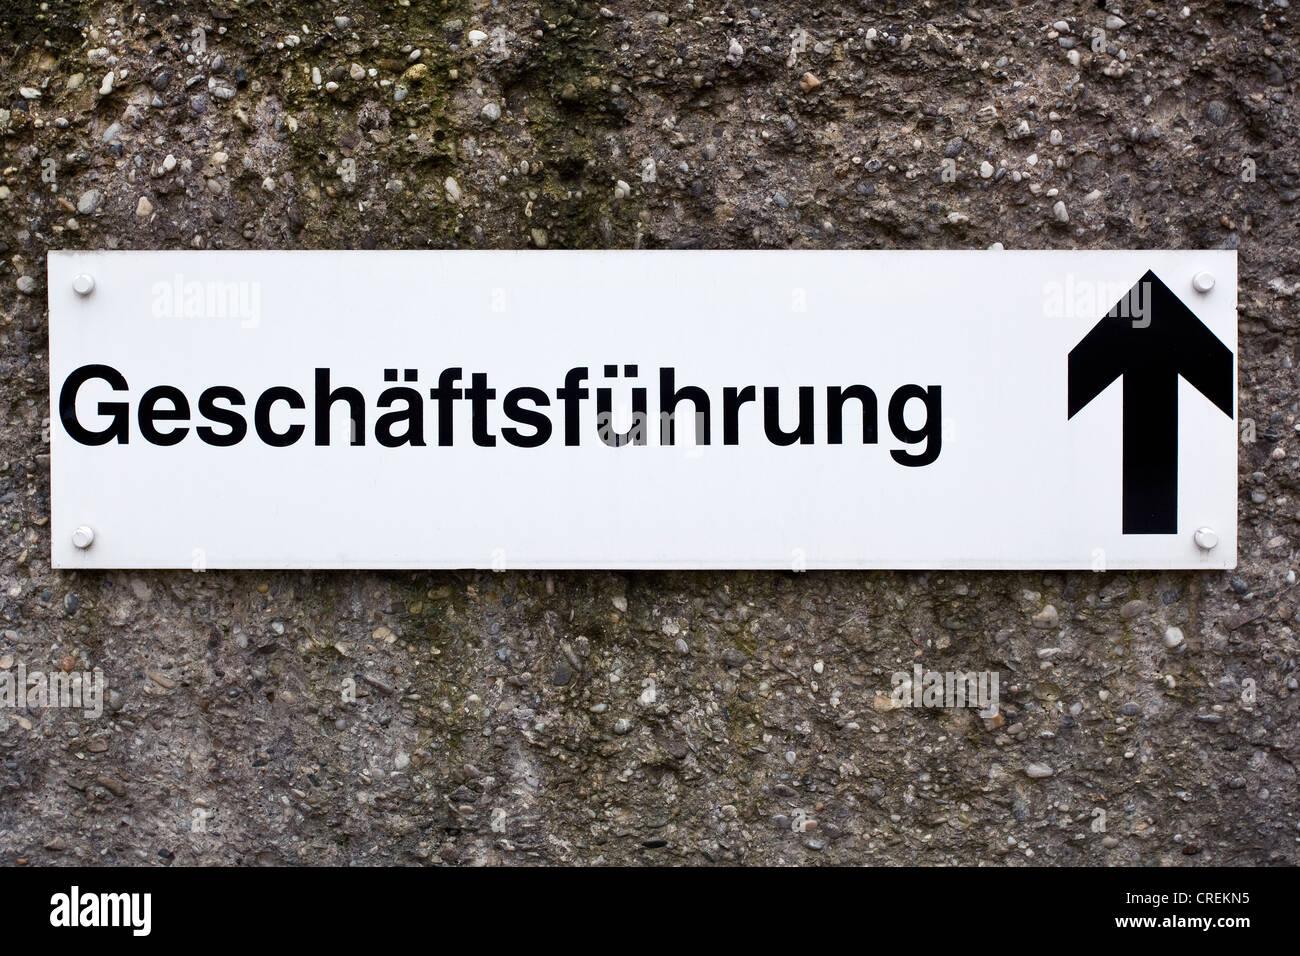 Signe, Geschaeftsfuehrung ou gestion d'entreprise, et d'une flèche pointant vers le haut Photo Stock